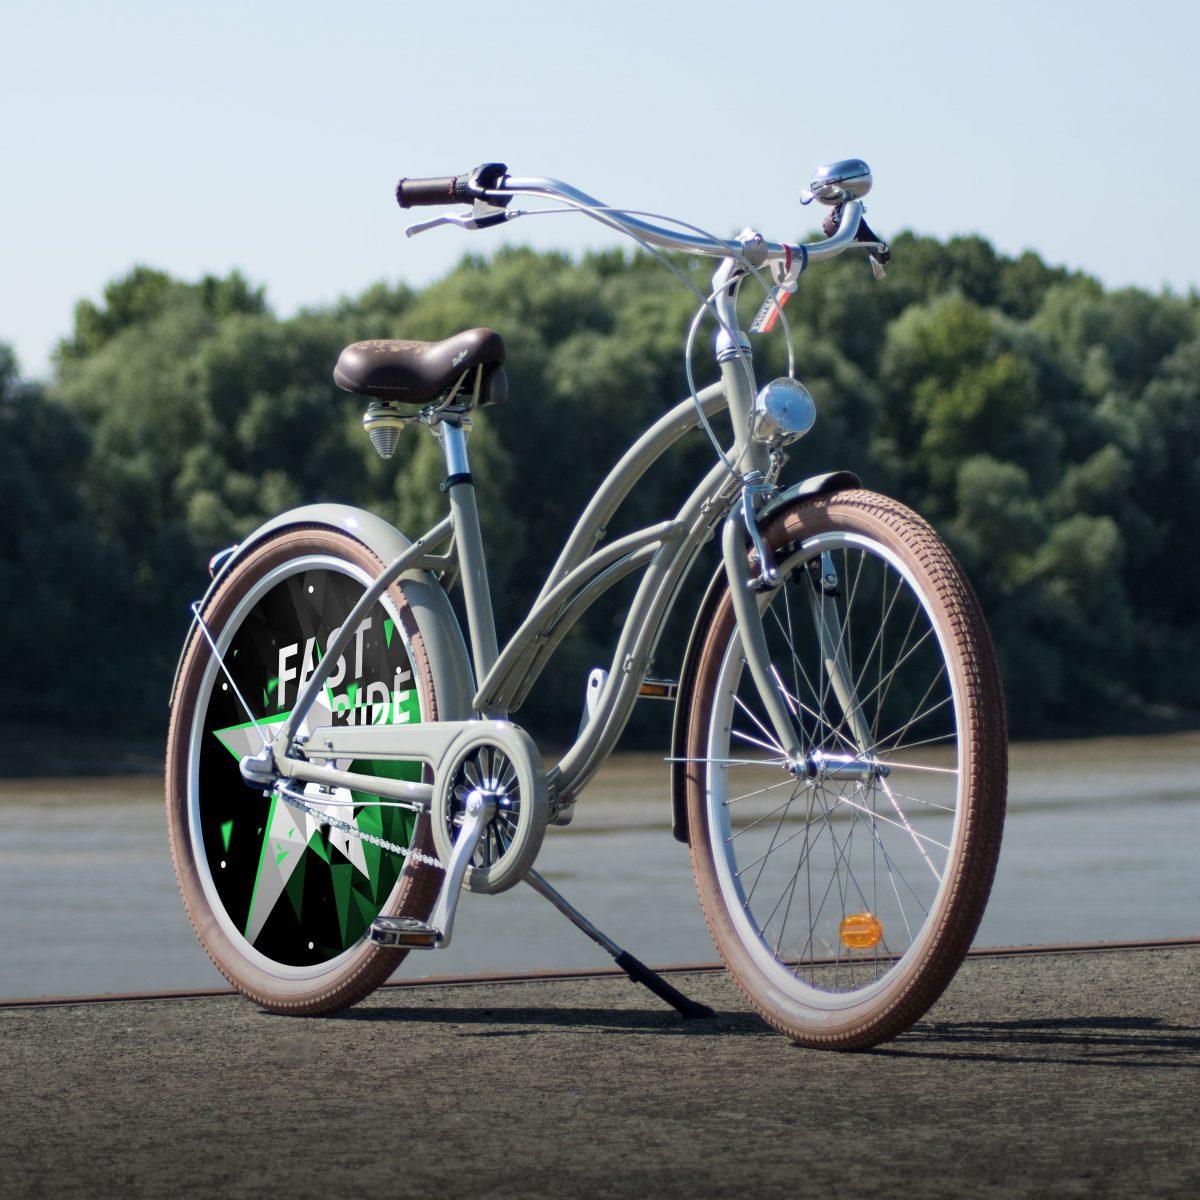 Vélo de collection Cruiser. Design FastRide, un vélo de collection avec une roue lenticulaire sur l'arrière de ce vélo de ville